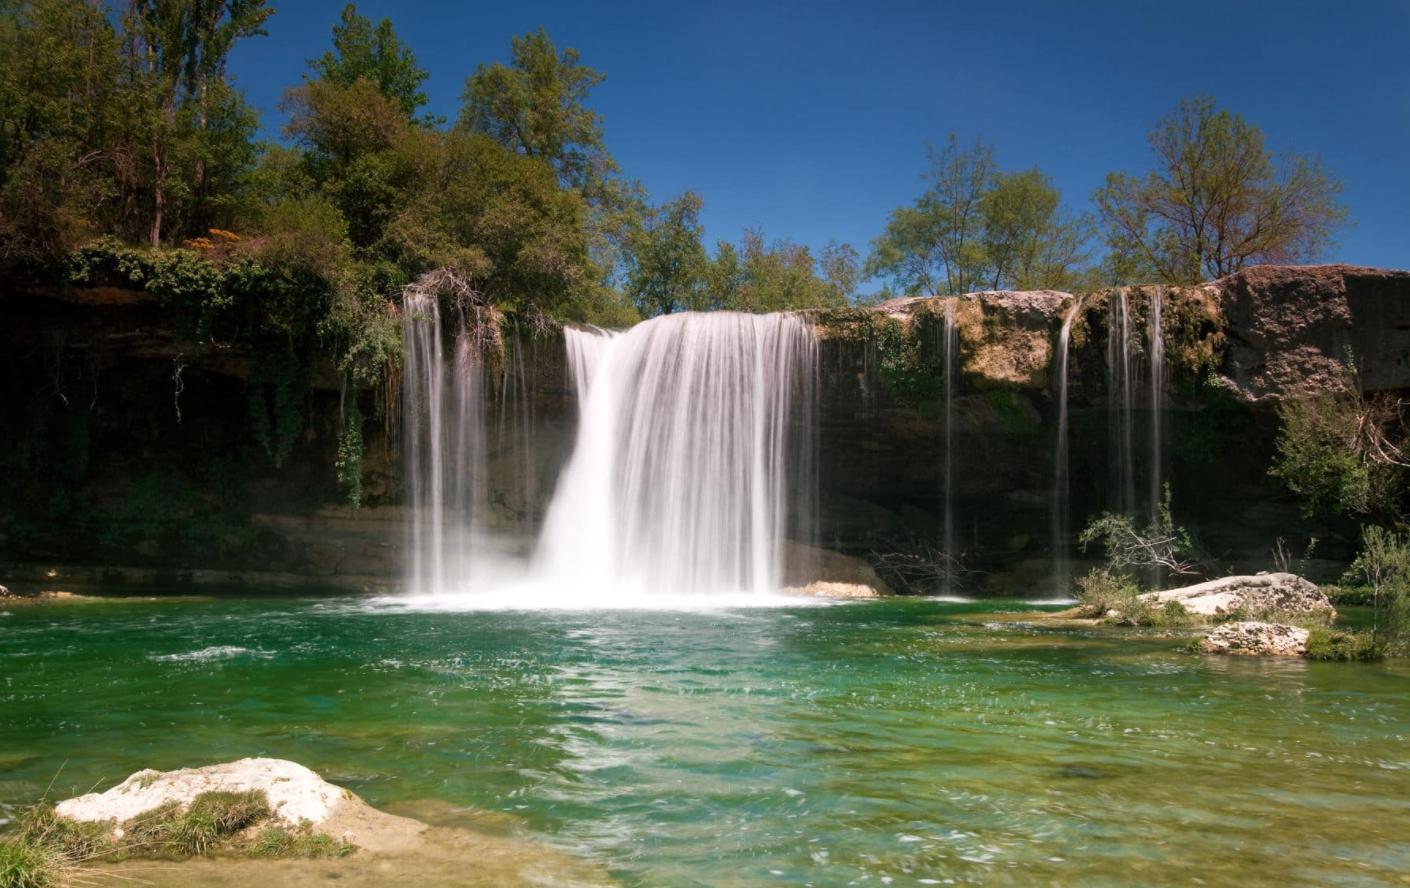 turismo rural, de interior y piscinas naturales de castilla y leon 8